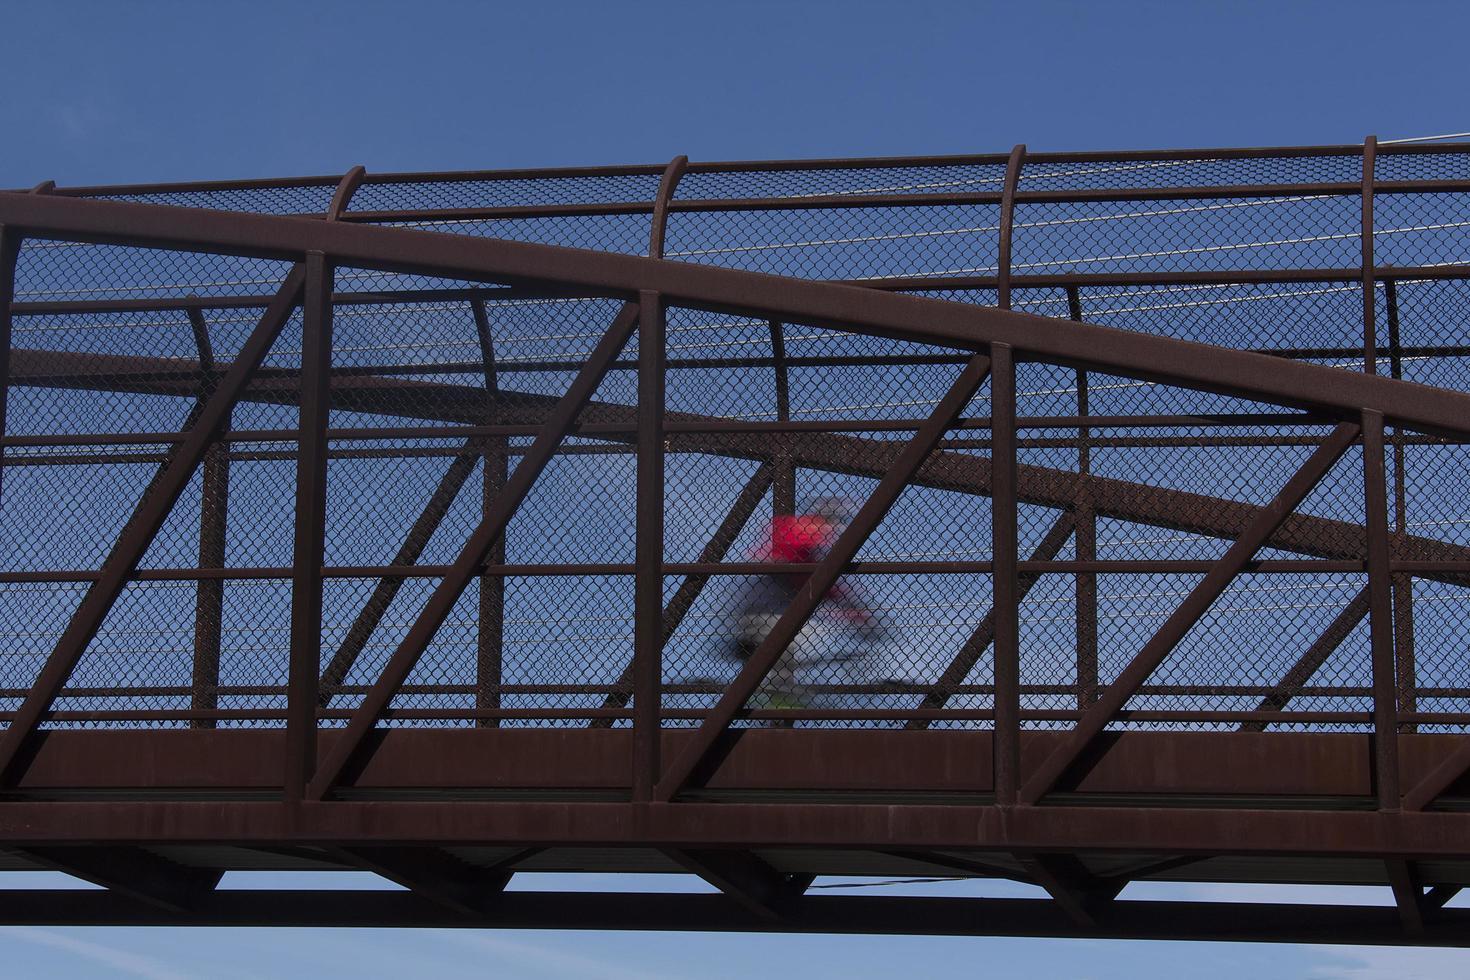 fietser in beweging over de brug foto